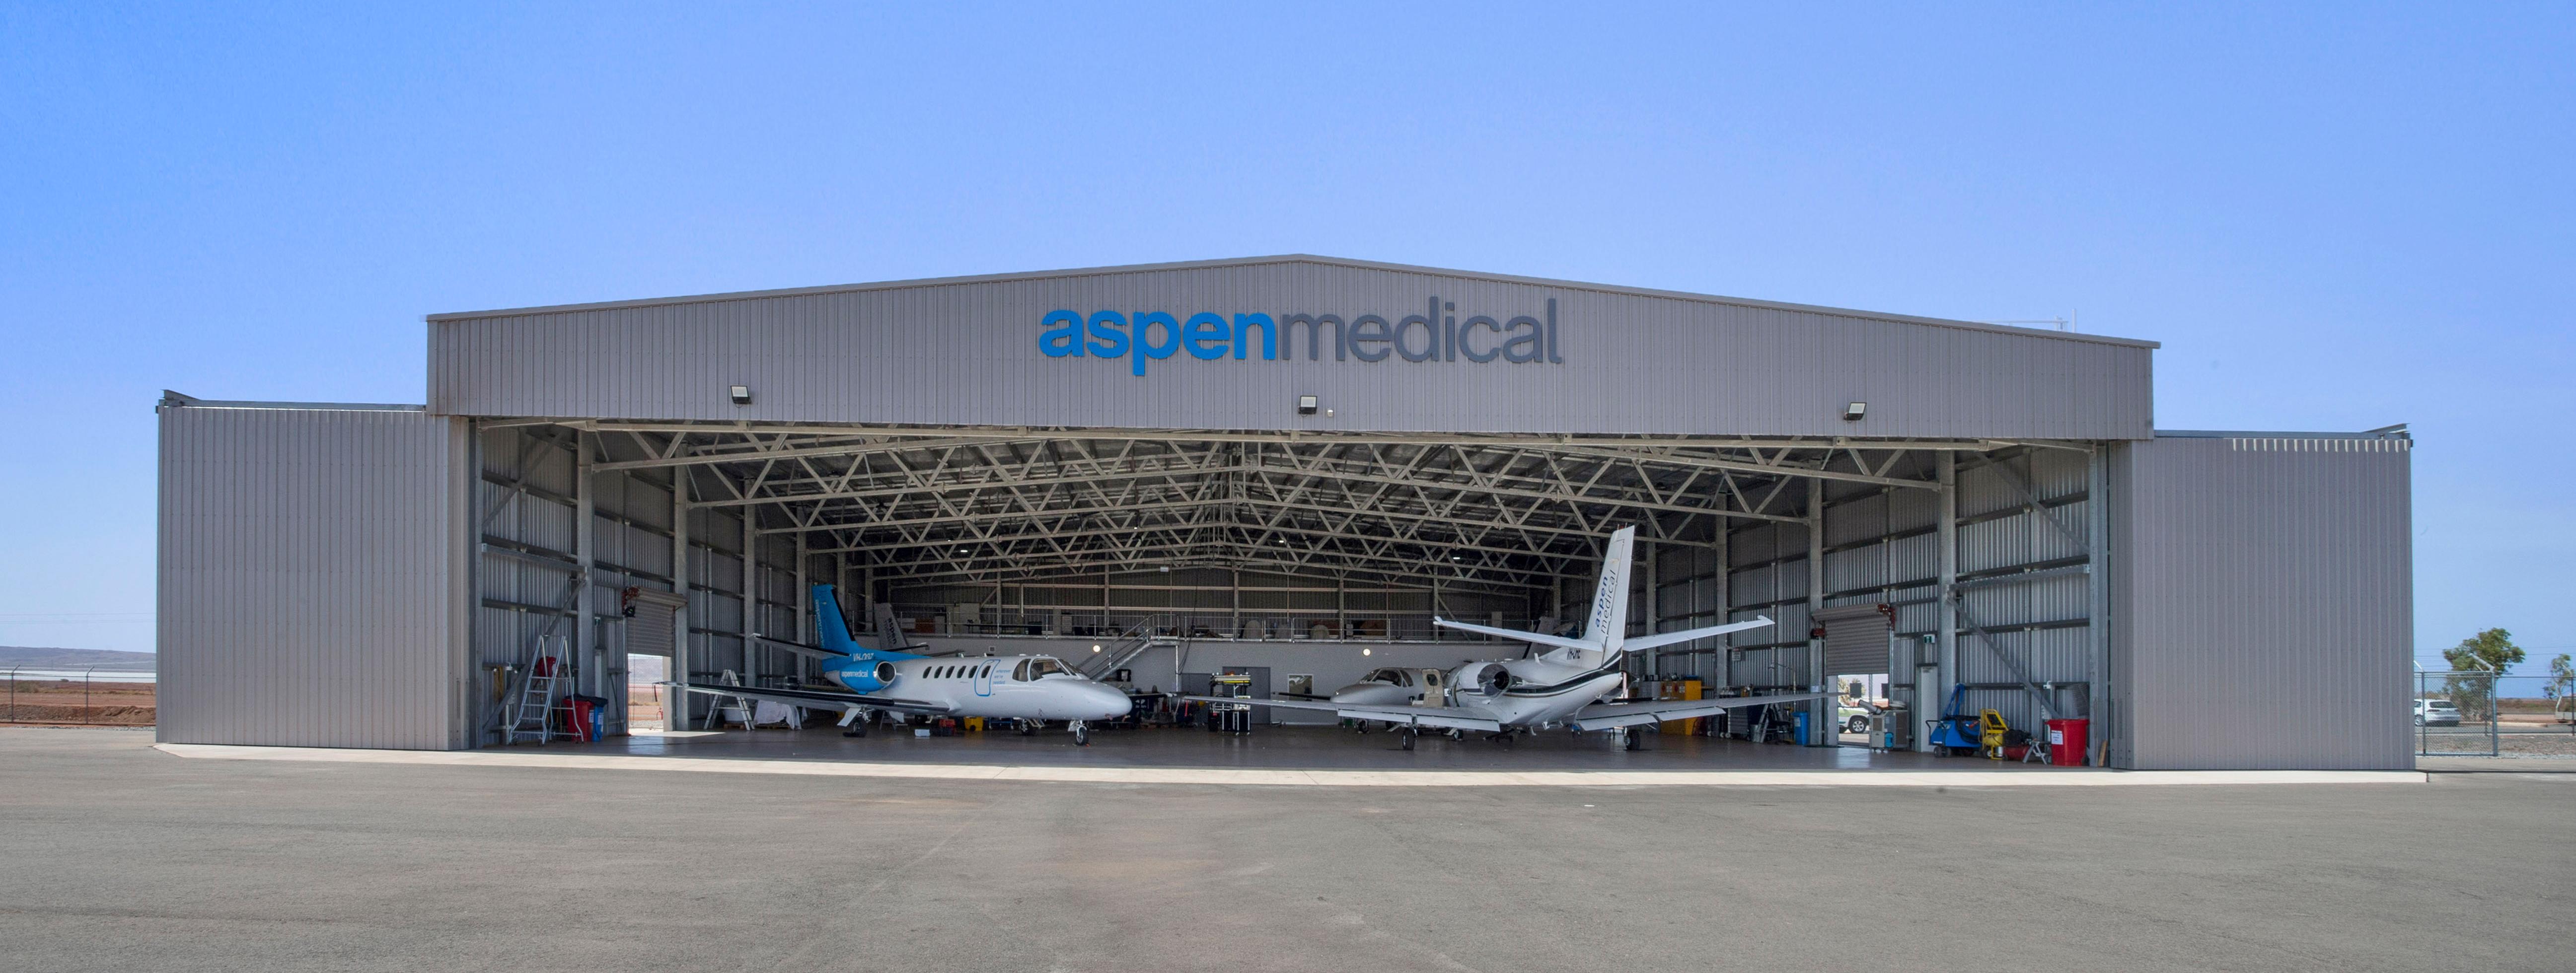 ASPEN HANGAR  LR-0981 - Copy